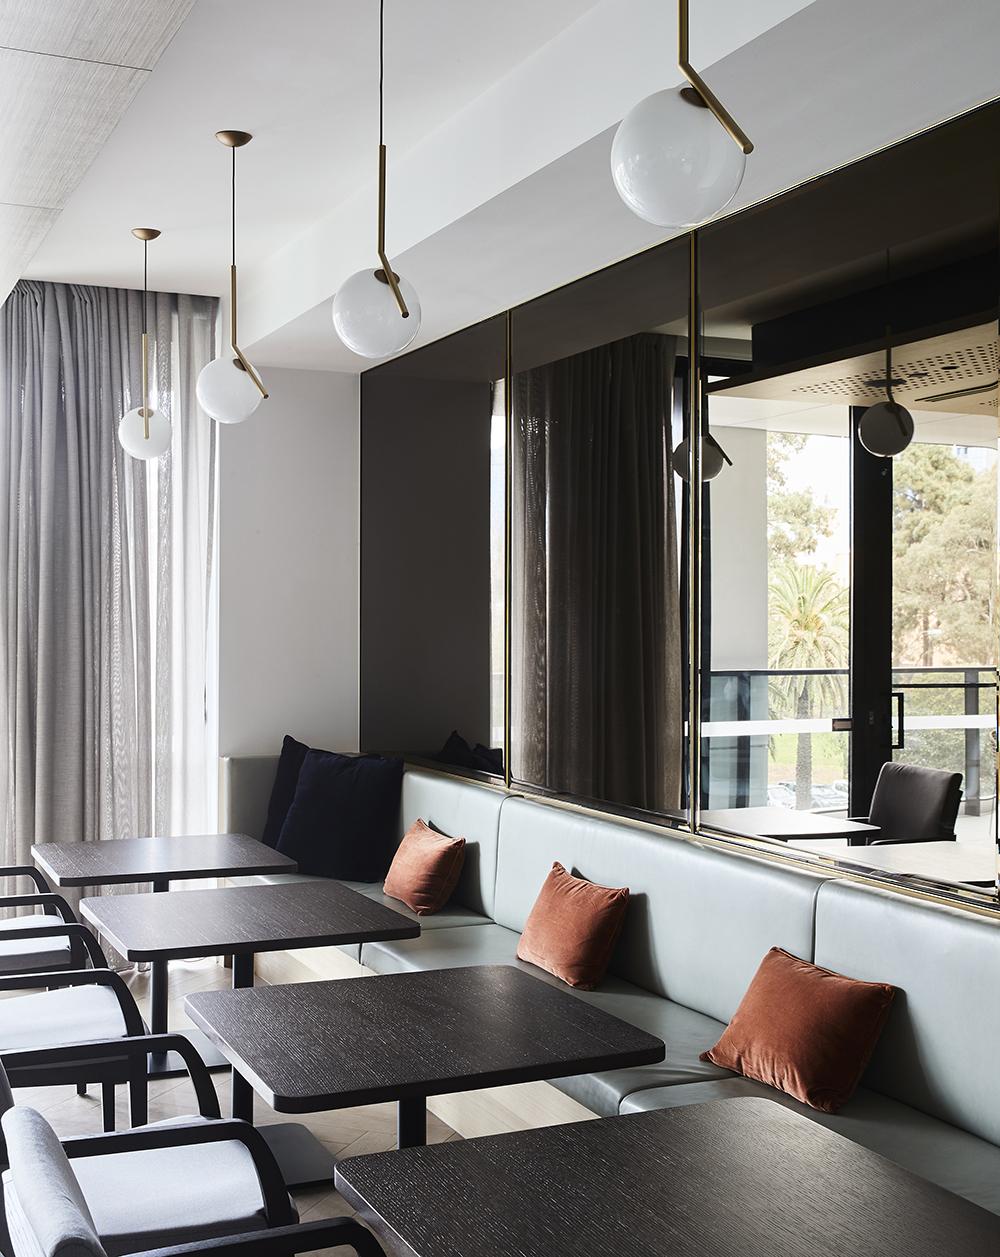 4640-interior_The Grace_FK_Willem-Dirk du Toit_04